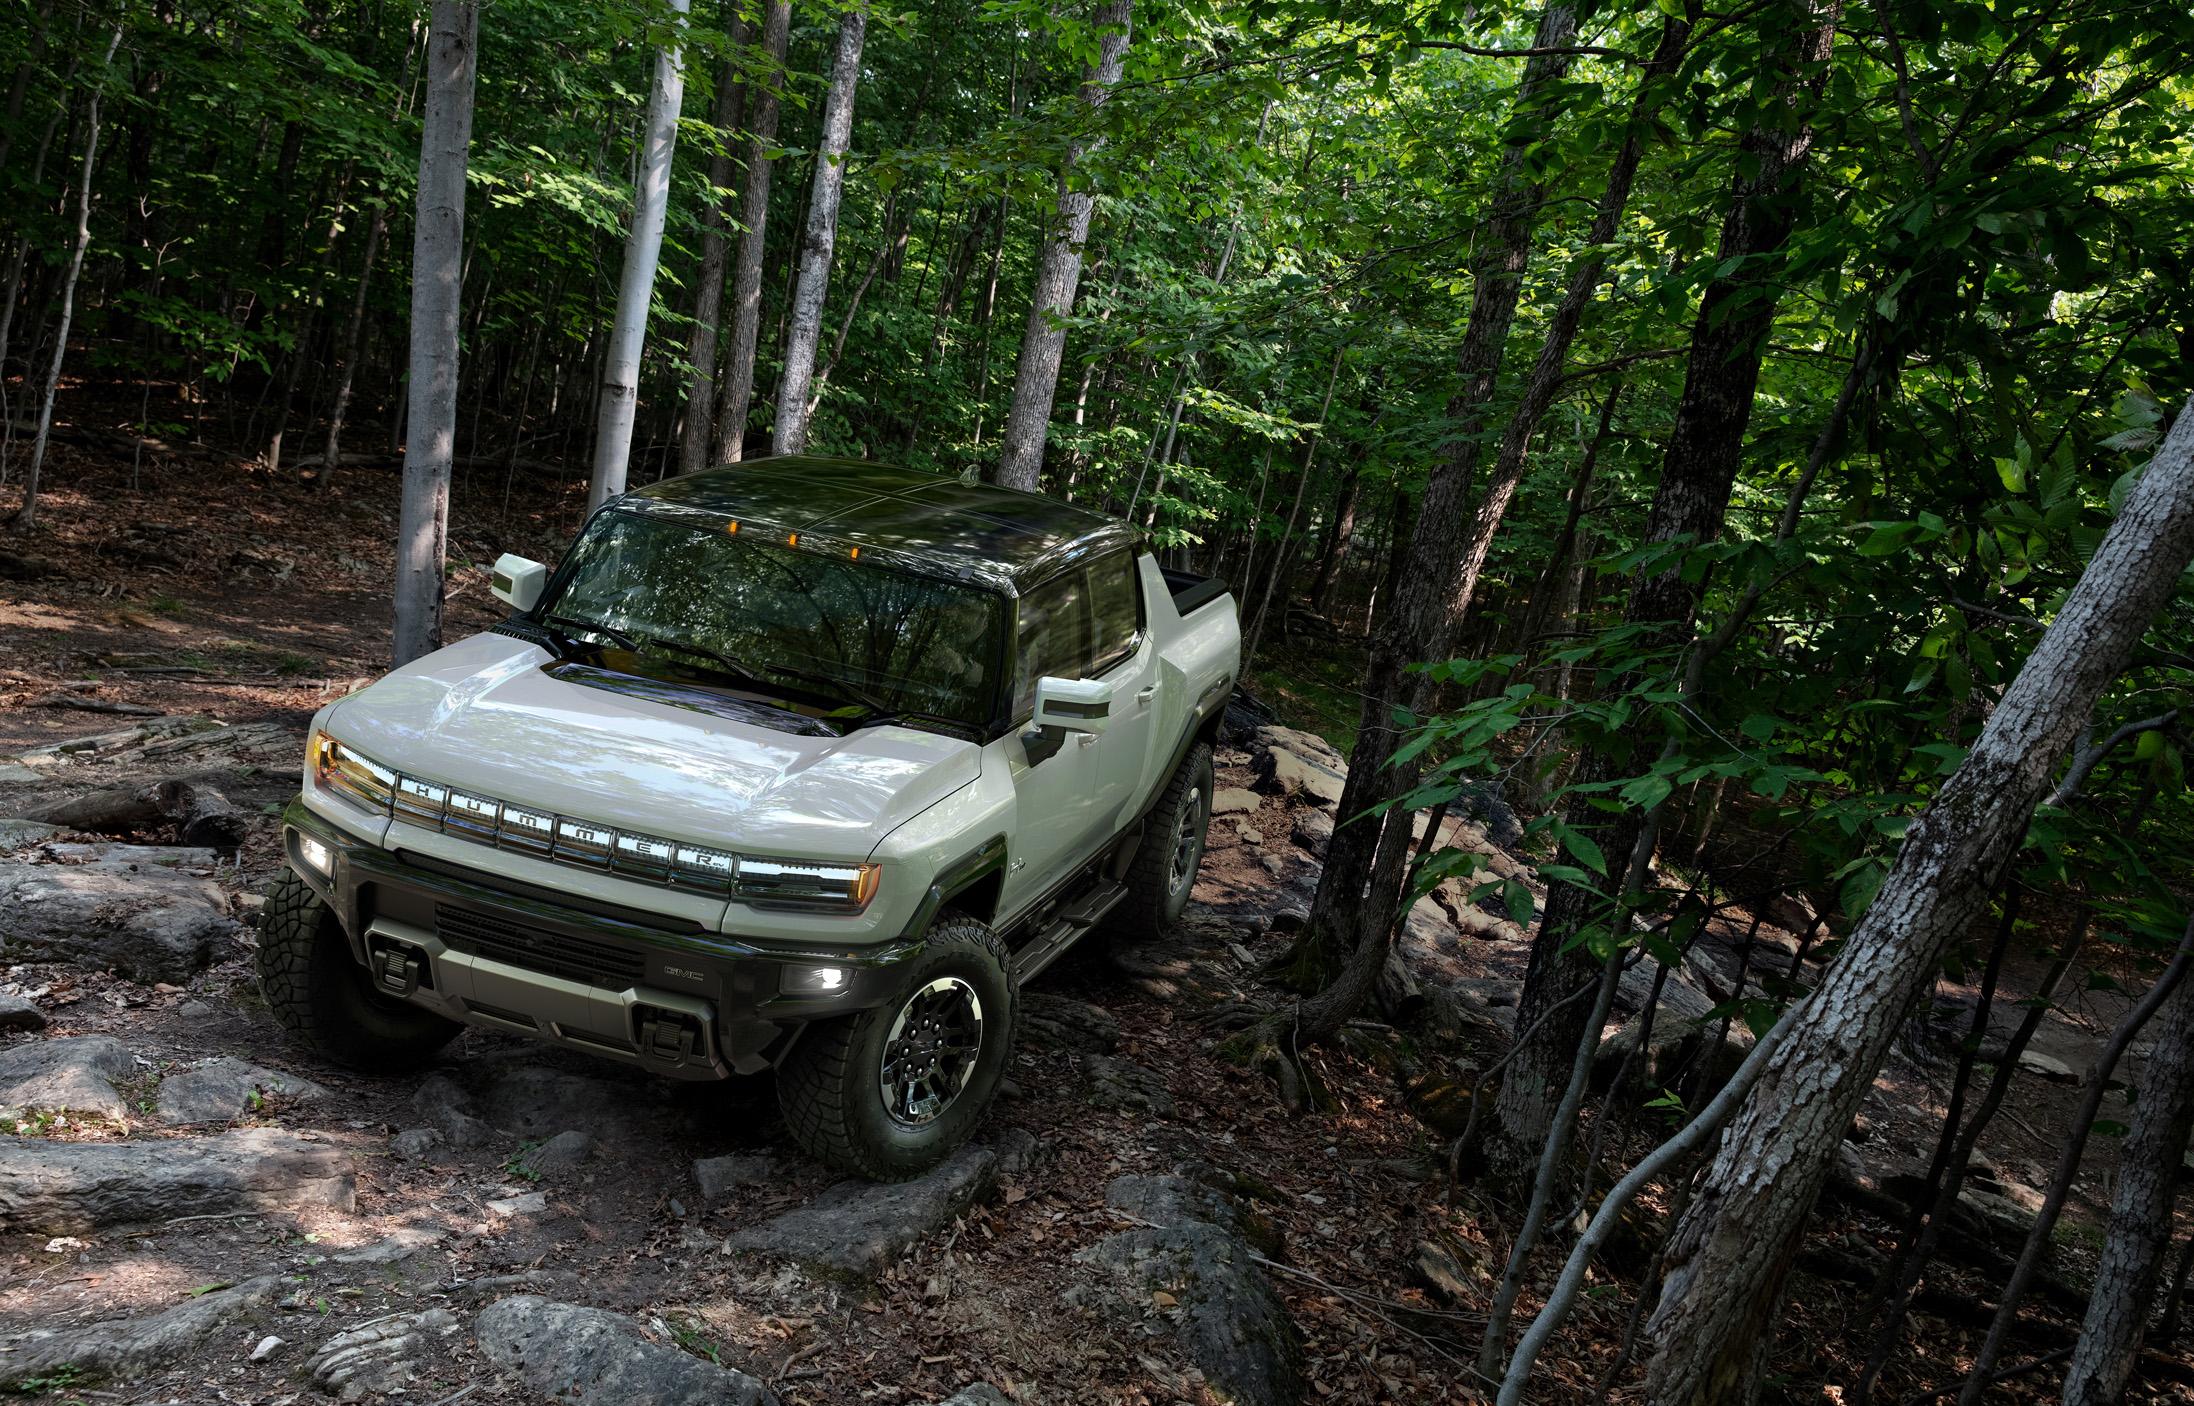 GMC Hummer EV 2022 is built for off-road usage